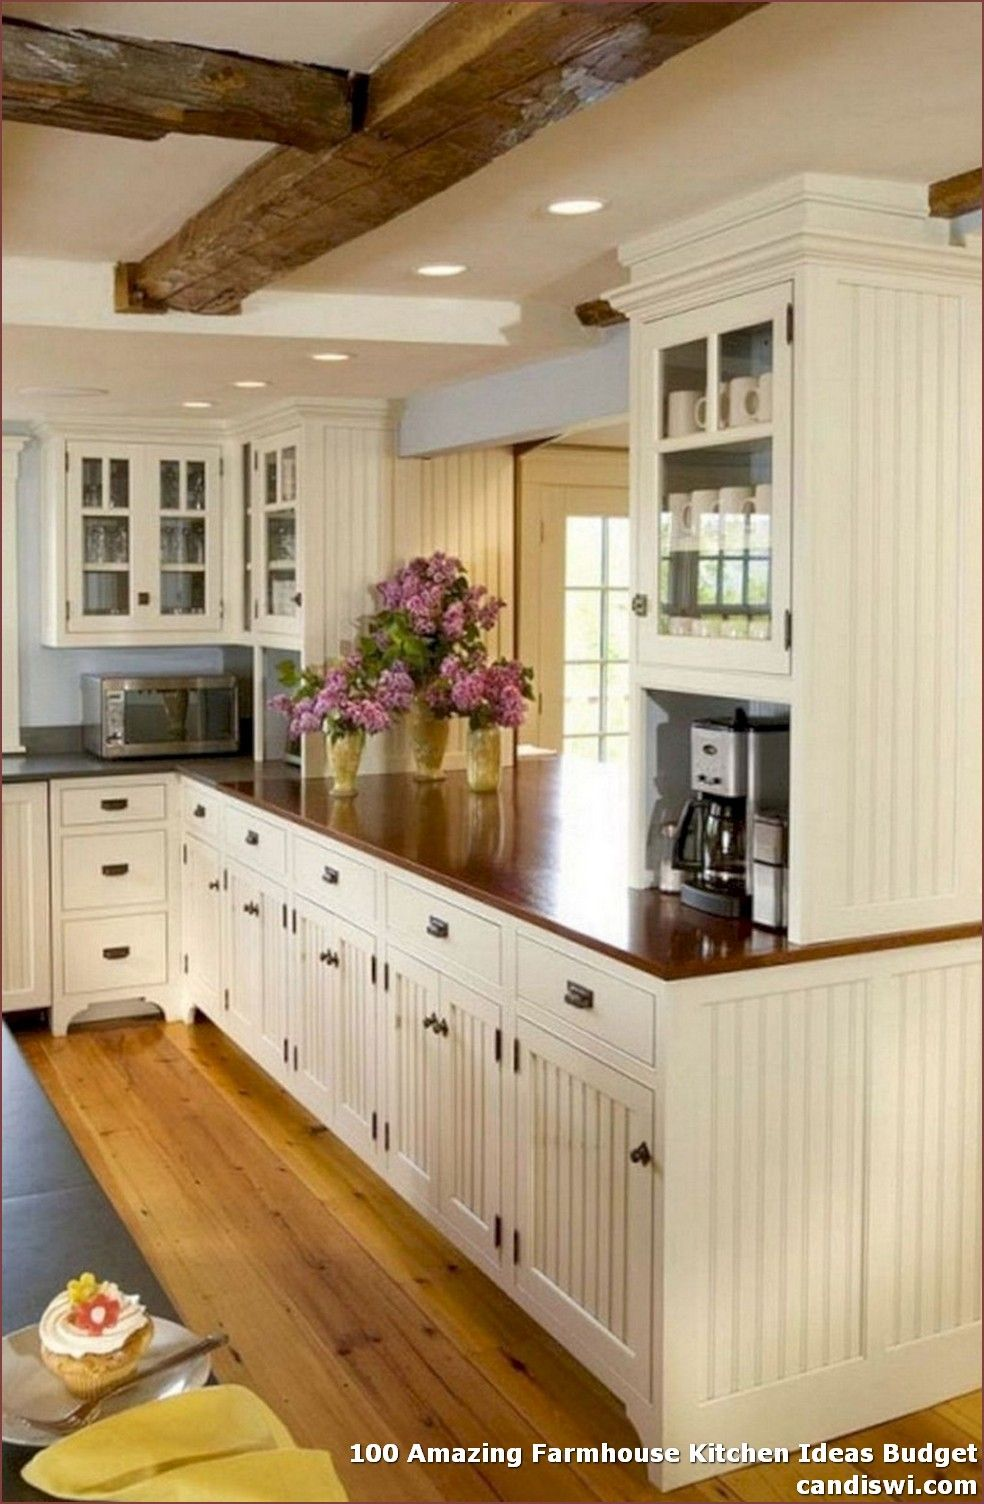 100 Amazing Farmhouse Kitchen Ideas Budget To Make The